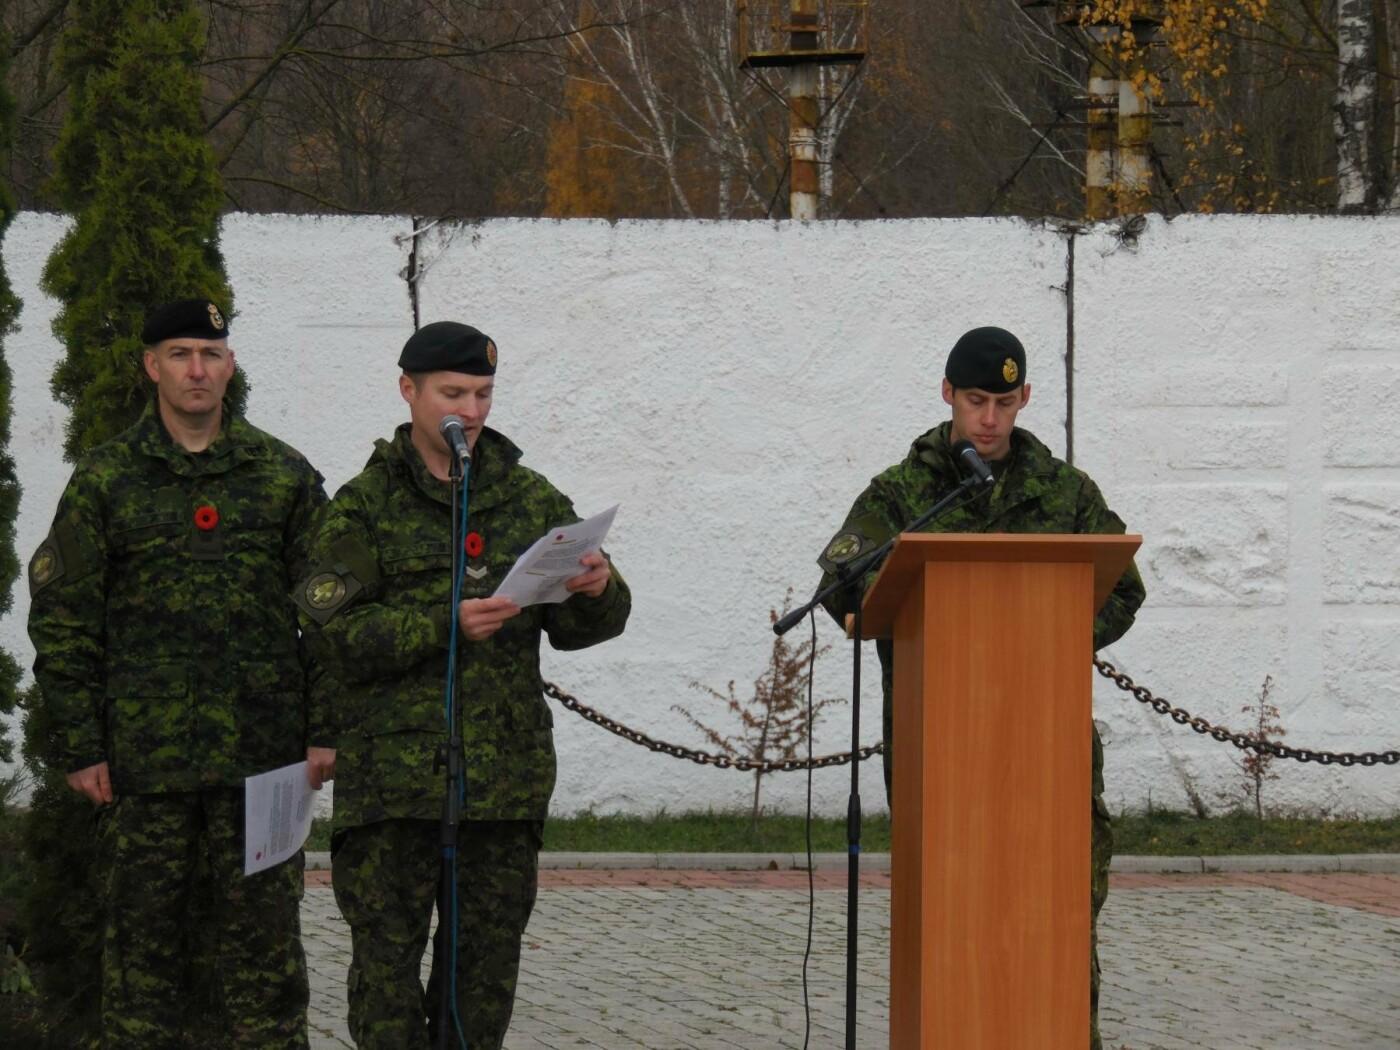 Українські та канадські військовослужбовці вшанували пам'ять загиблих під час Першої та Другої світових воєн, фото-2